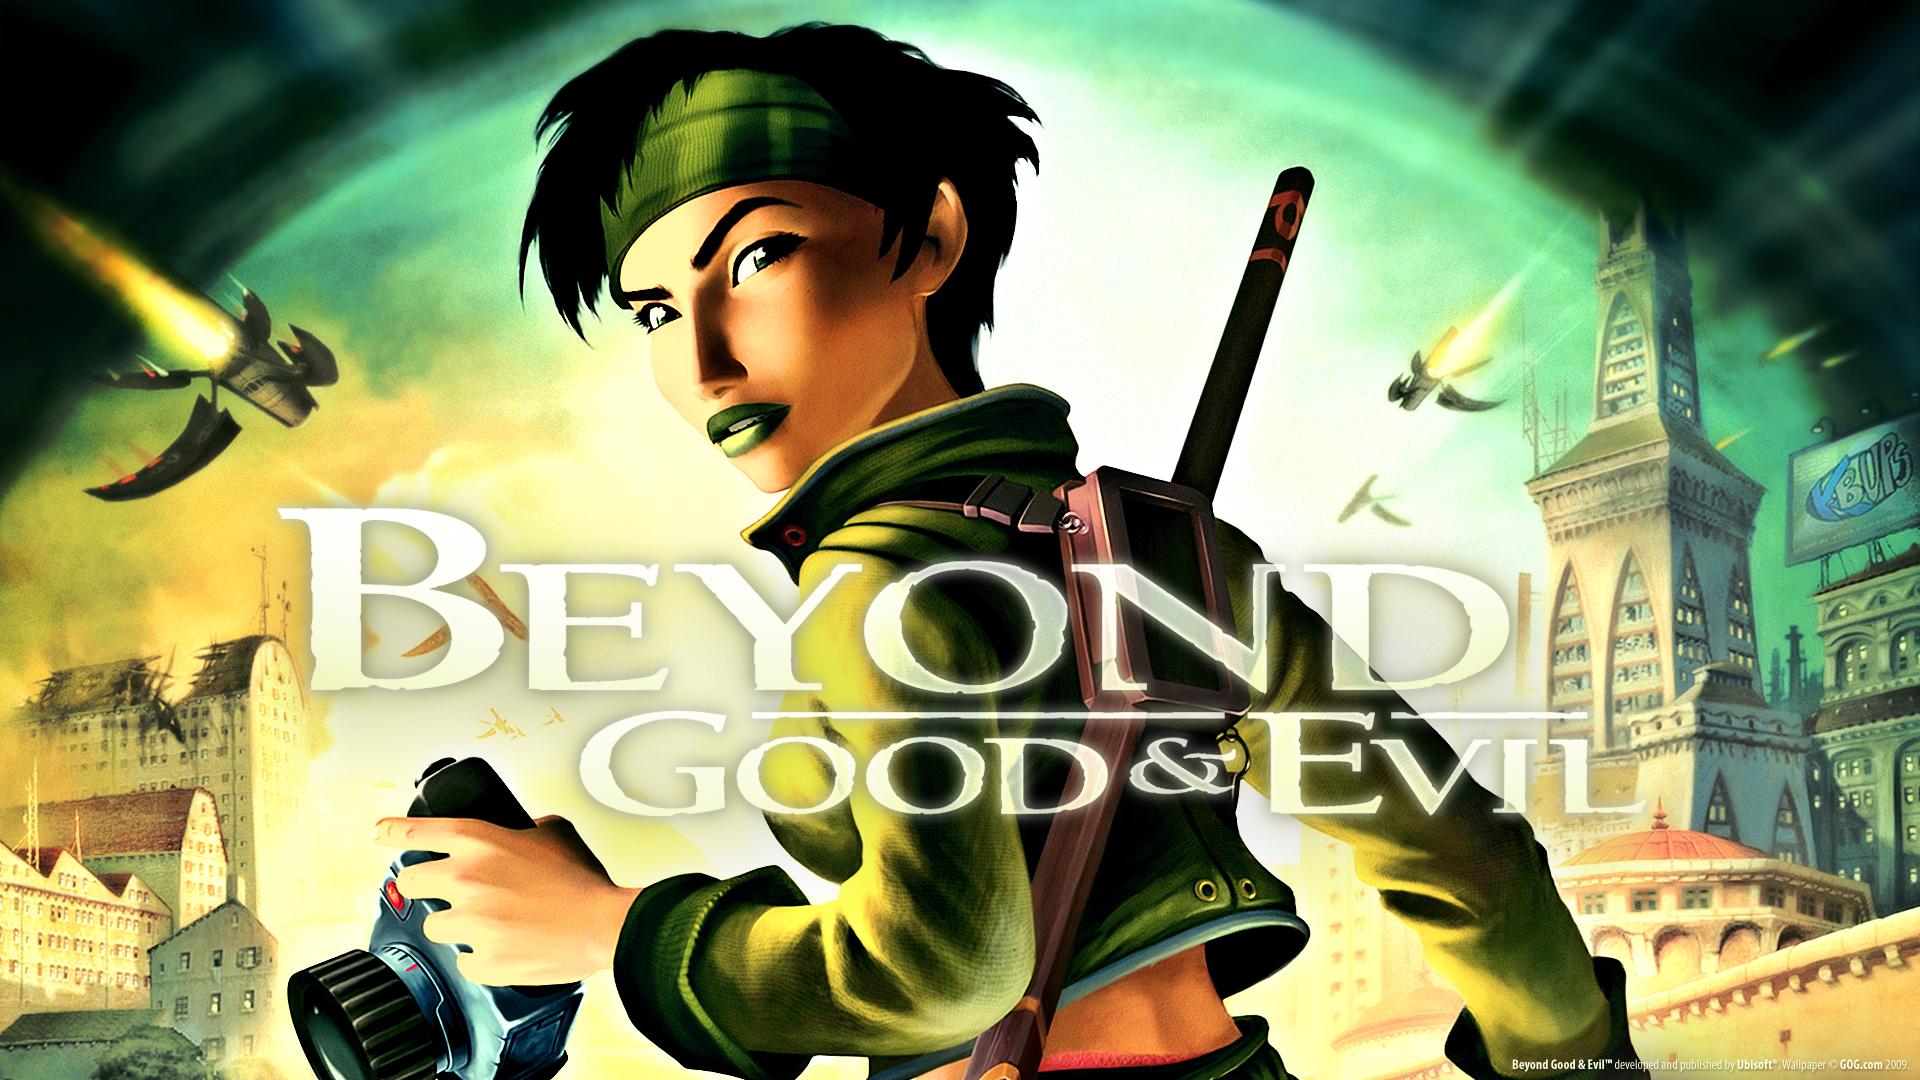 Beyond Good and Evil è il 5° videogioco per PC che UbiSoft offre gratis per festeggiare il suo 30° anniversario